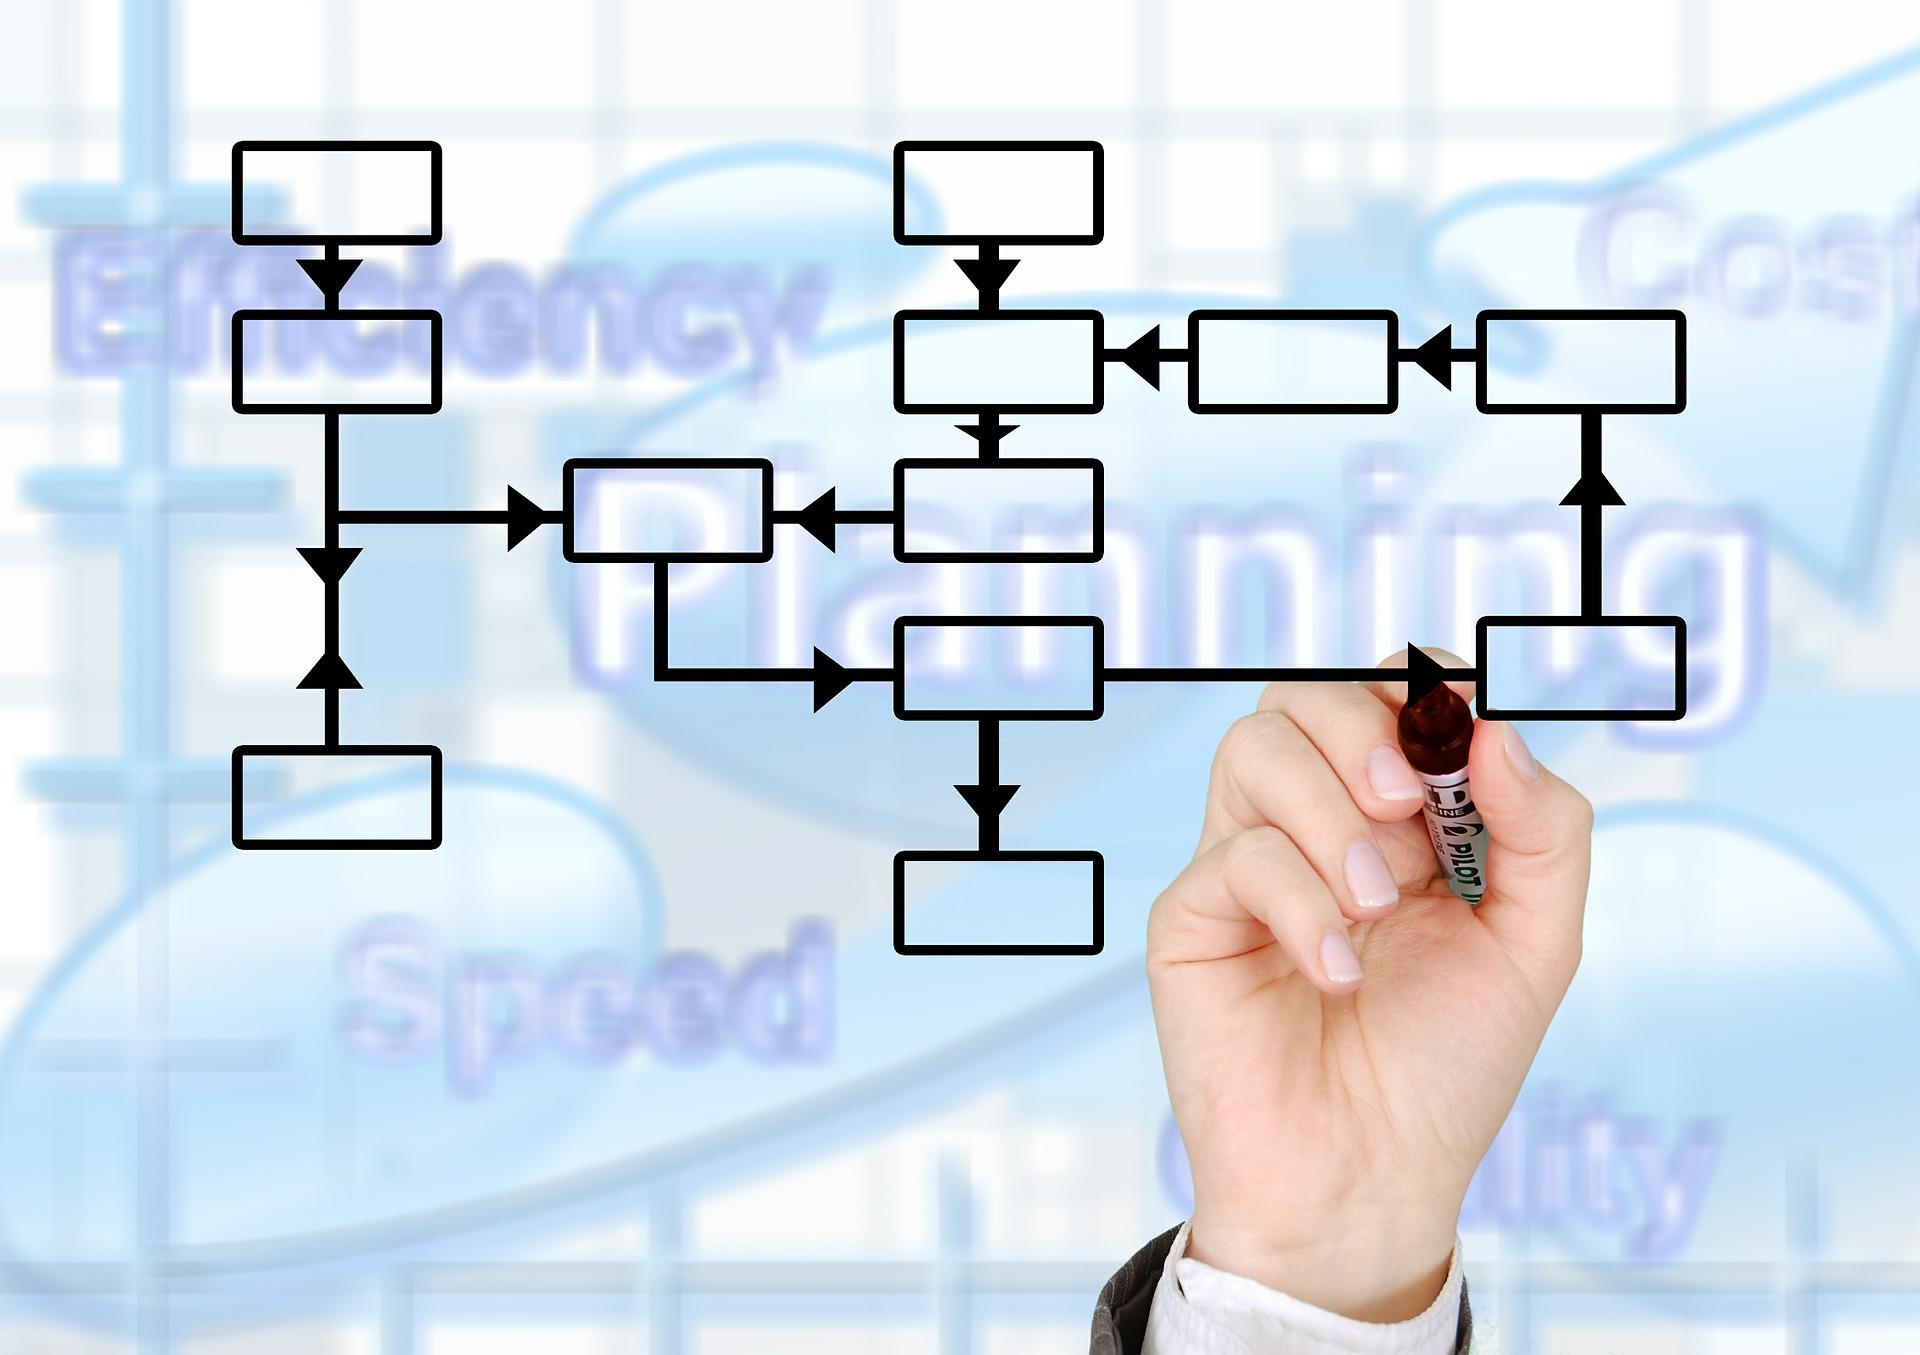 Workshop: Einführung von Projektmanagement in unser Unternehmen